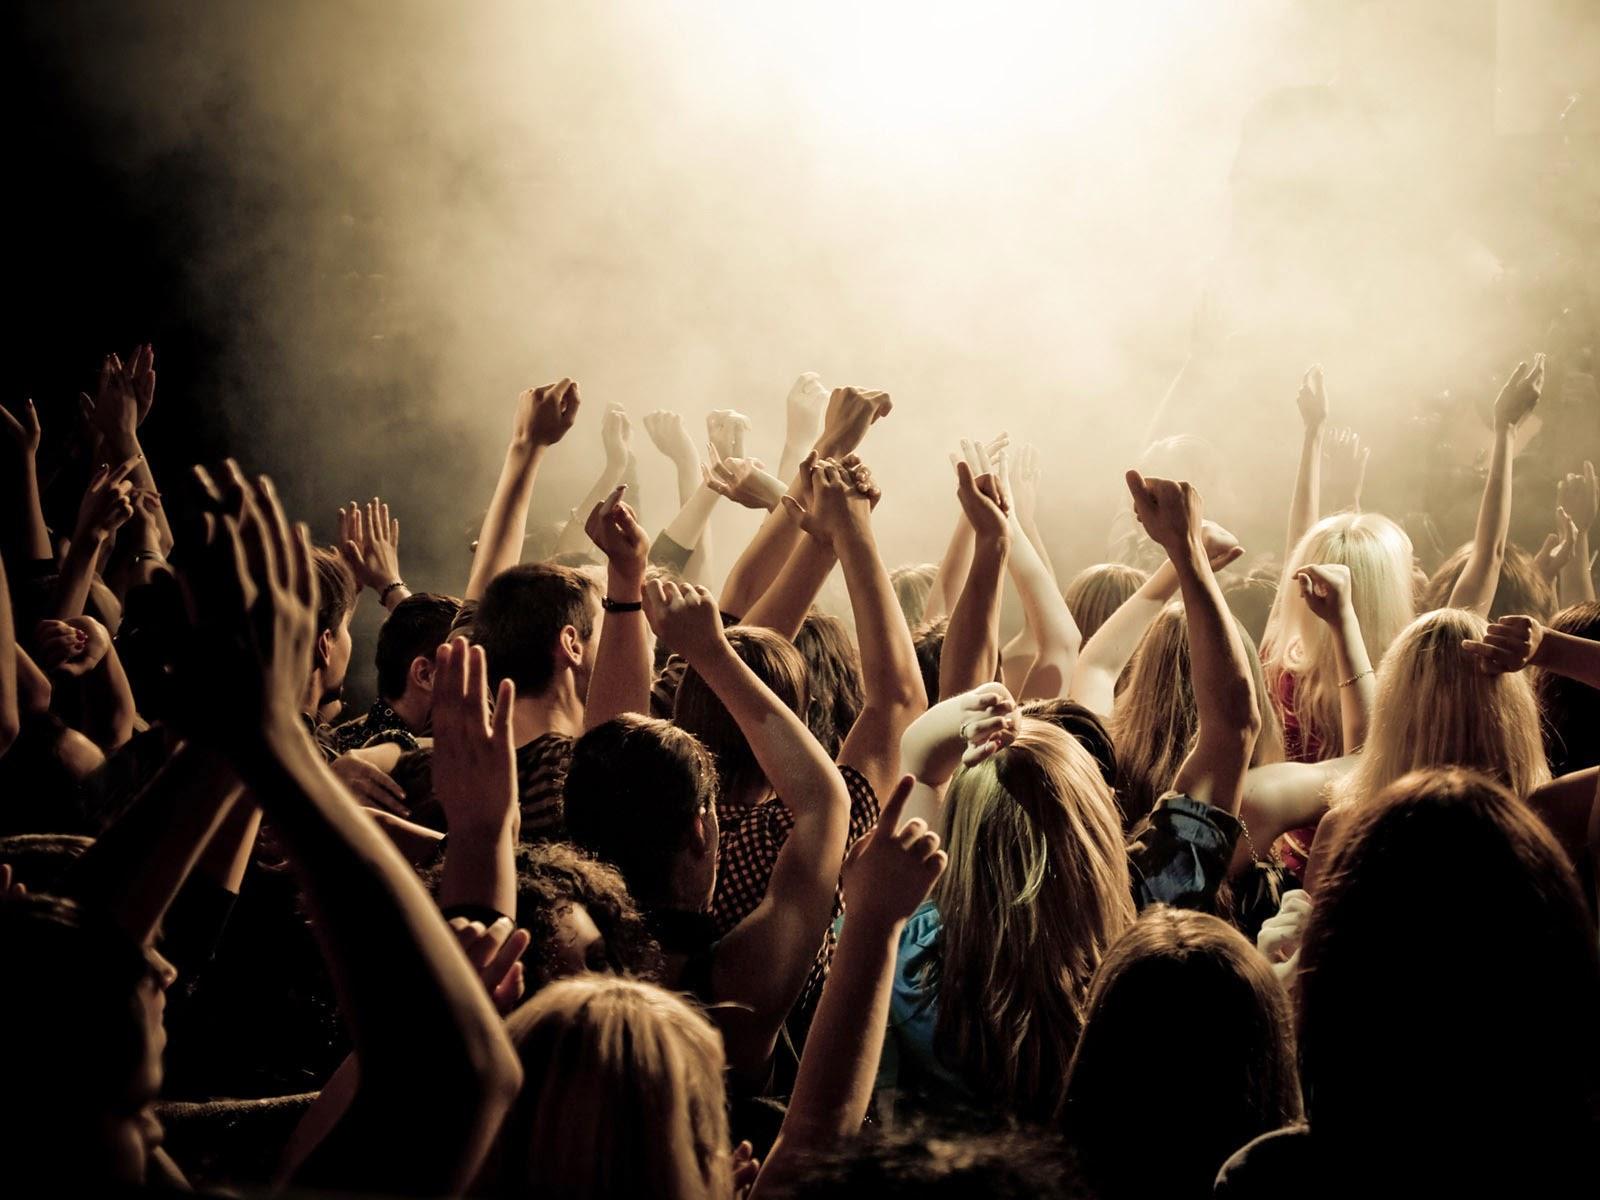 Nhạc sàn cực mạnh, dance vũ trường (P.1)